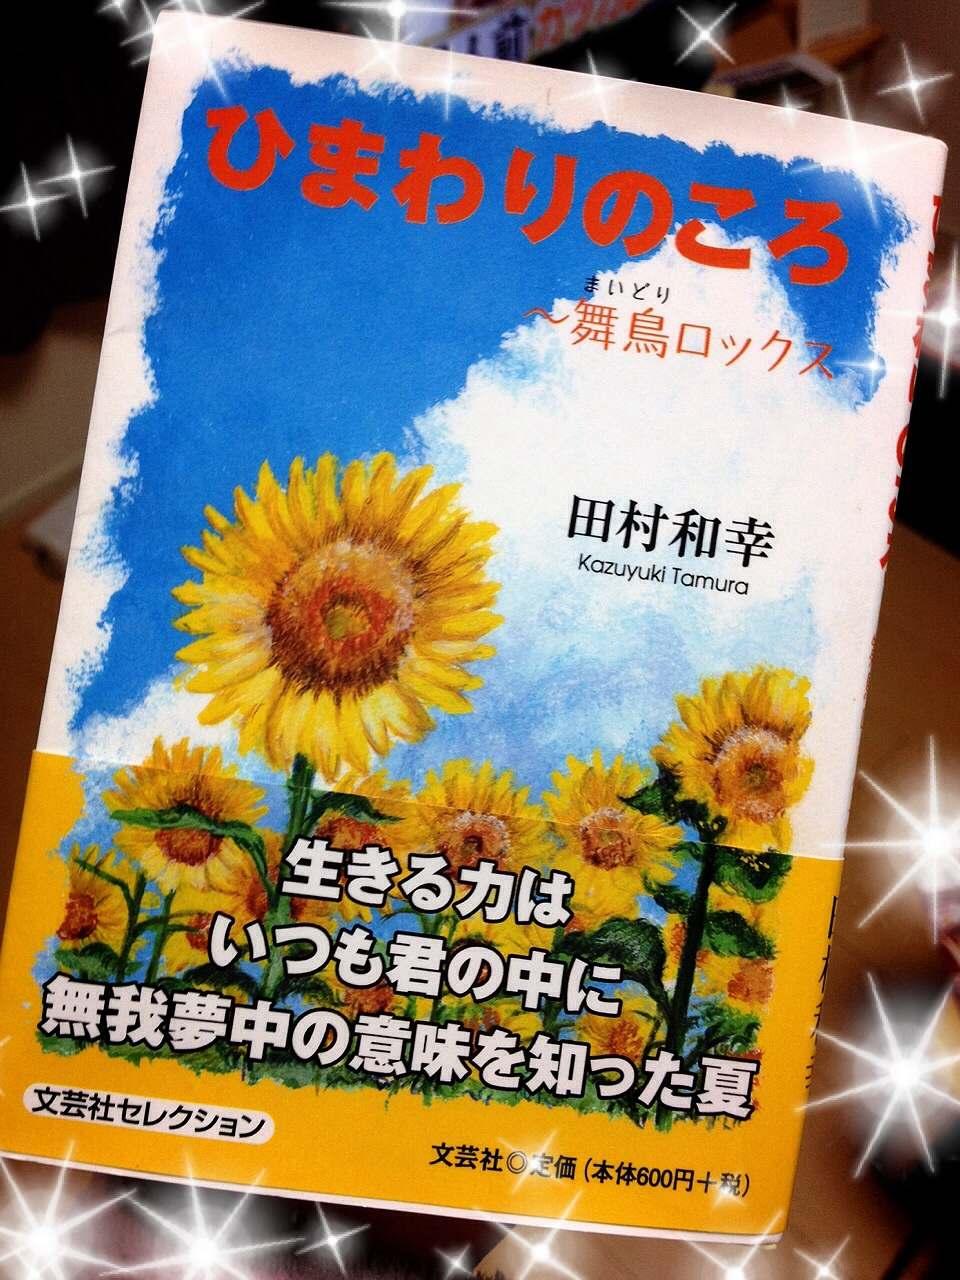 読書の秋☆中学時代の恩師が書いた心温まる物語☆